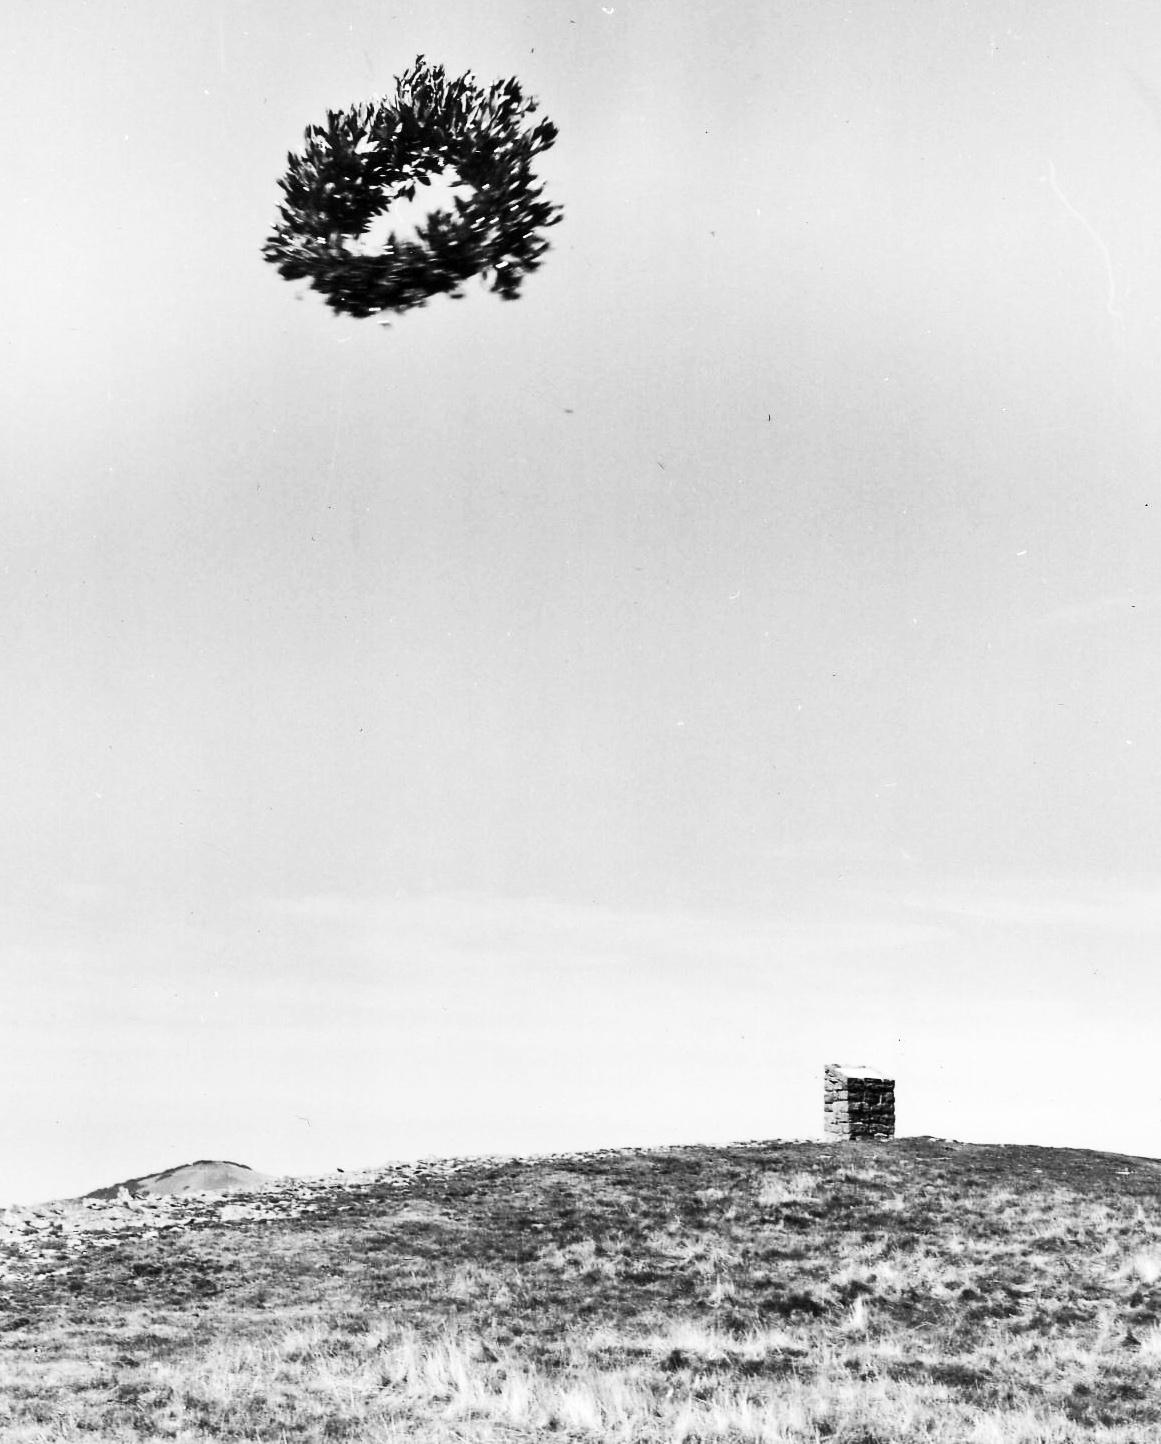 Da un aereo dell'aereo club di arezzo viene lanciata una corona d'alloro al cippo (archivio APT della provincia di arezzo)